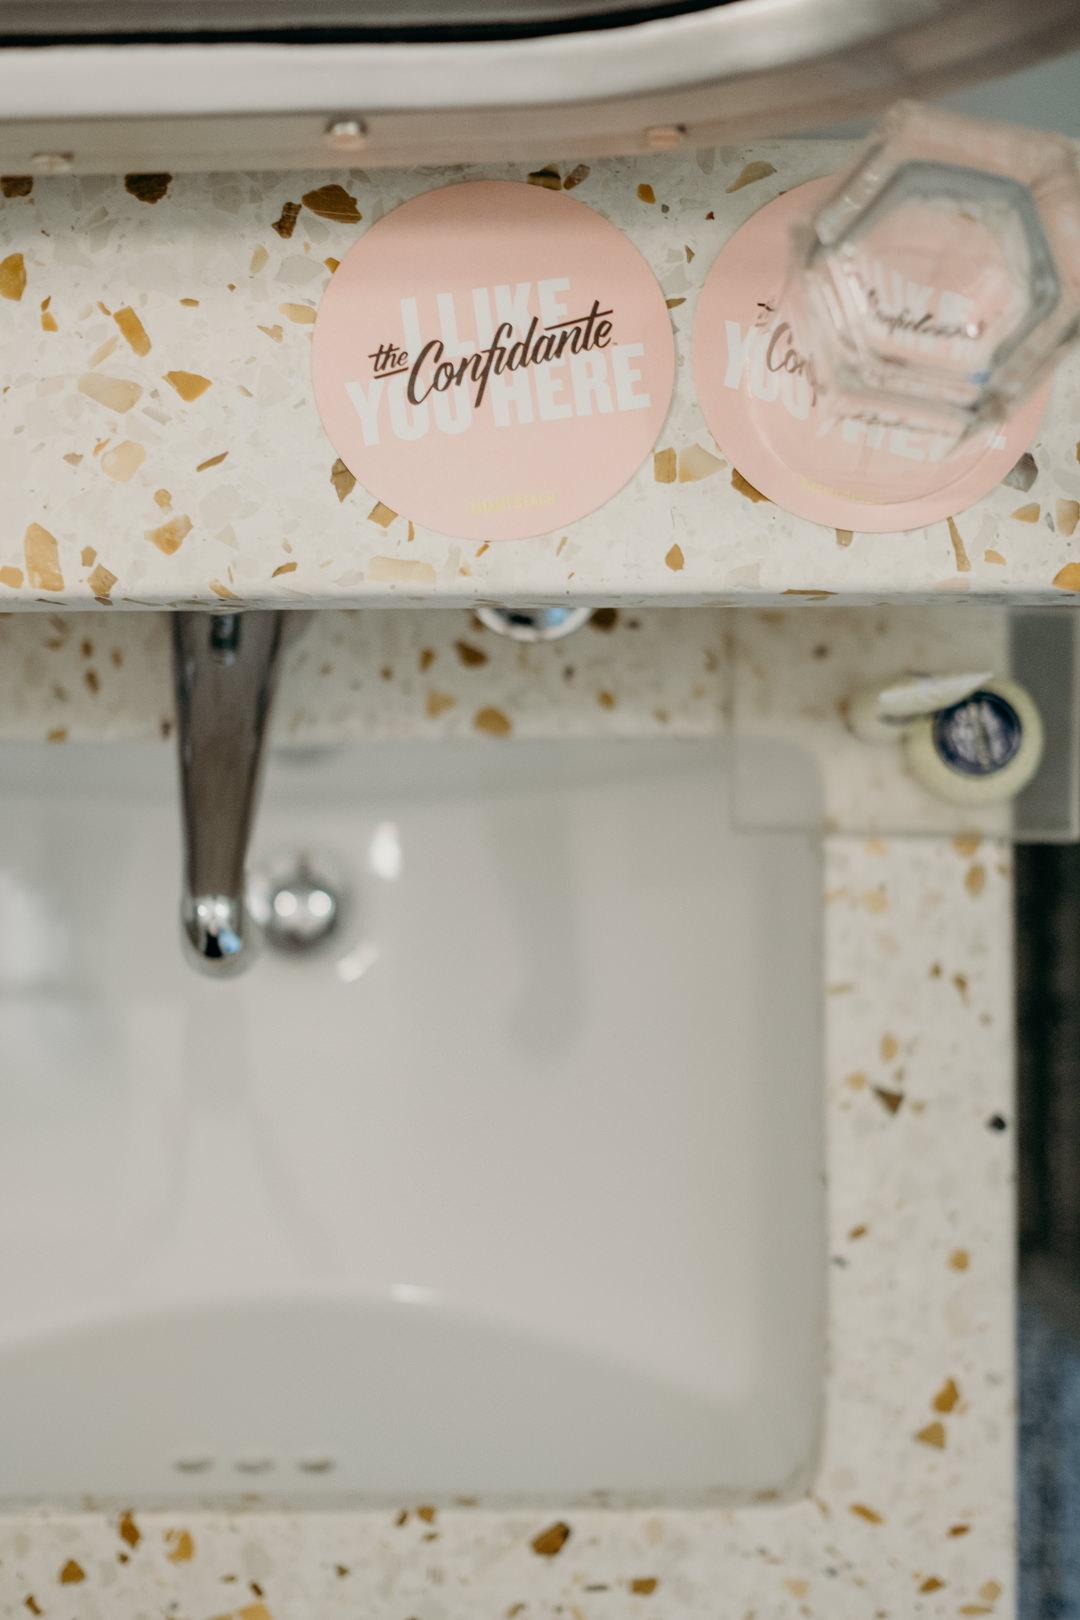 The Confidante Hotel - Ali Happer Photo_4.jpg